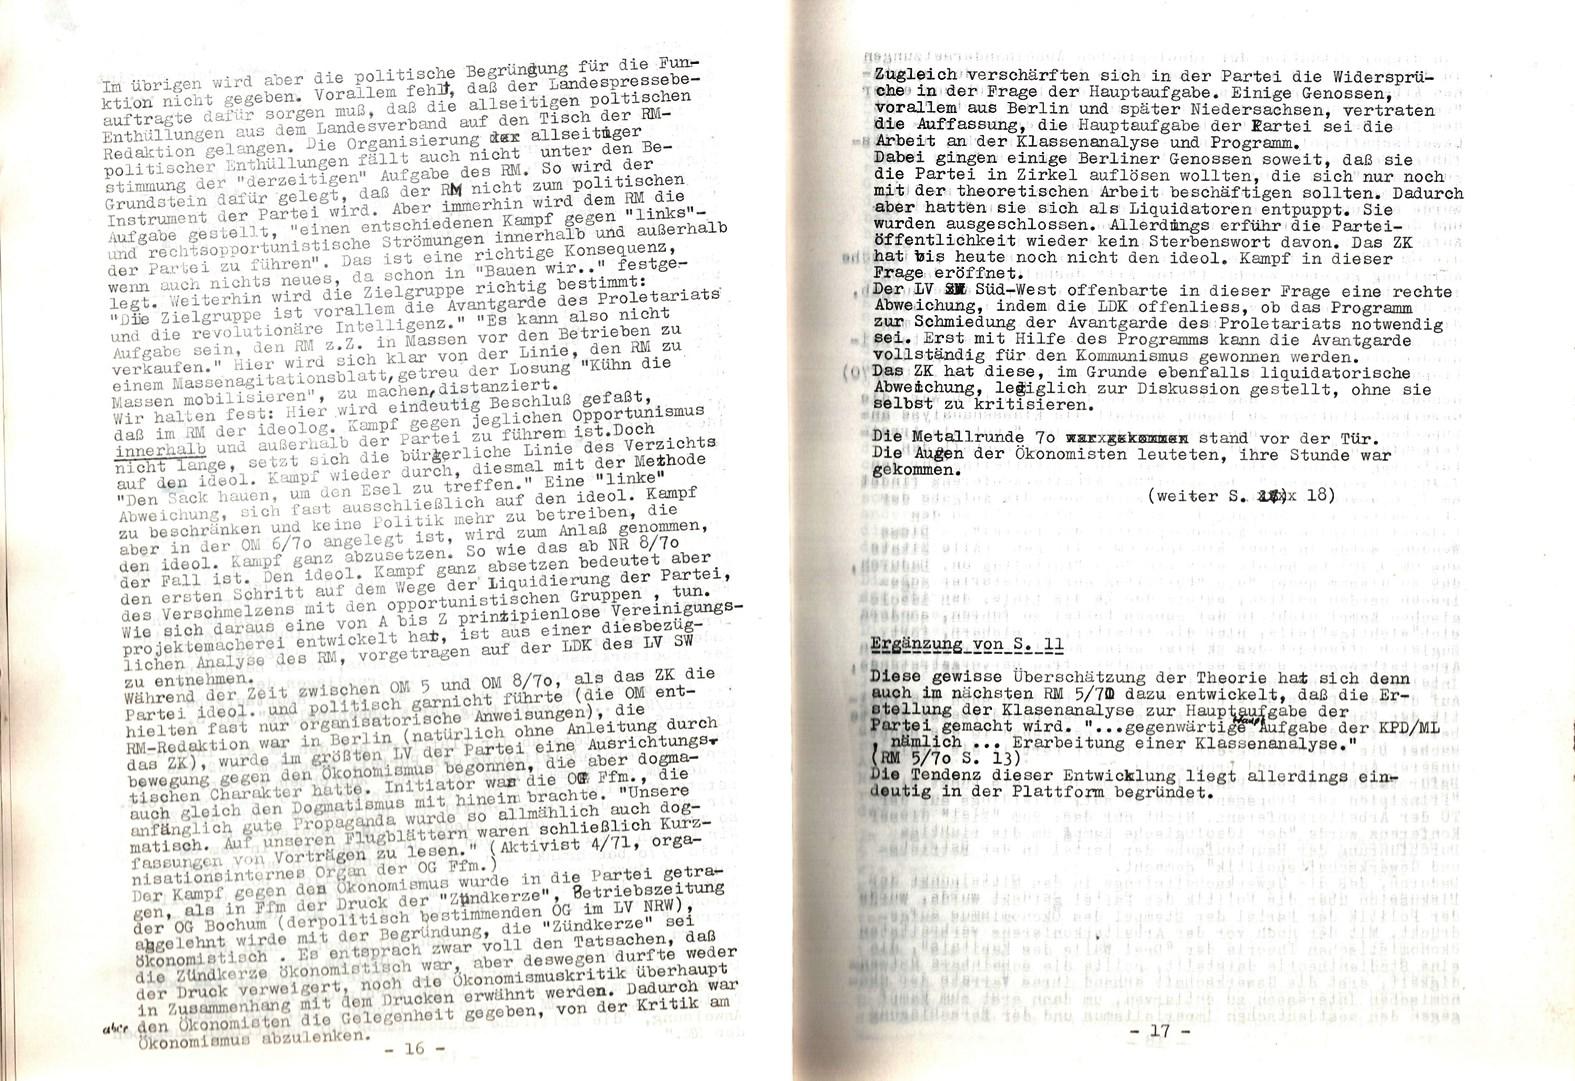 KPDML_1971_Analysen_und_Antraege_des_LV_Sued_West_014